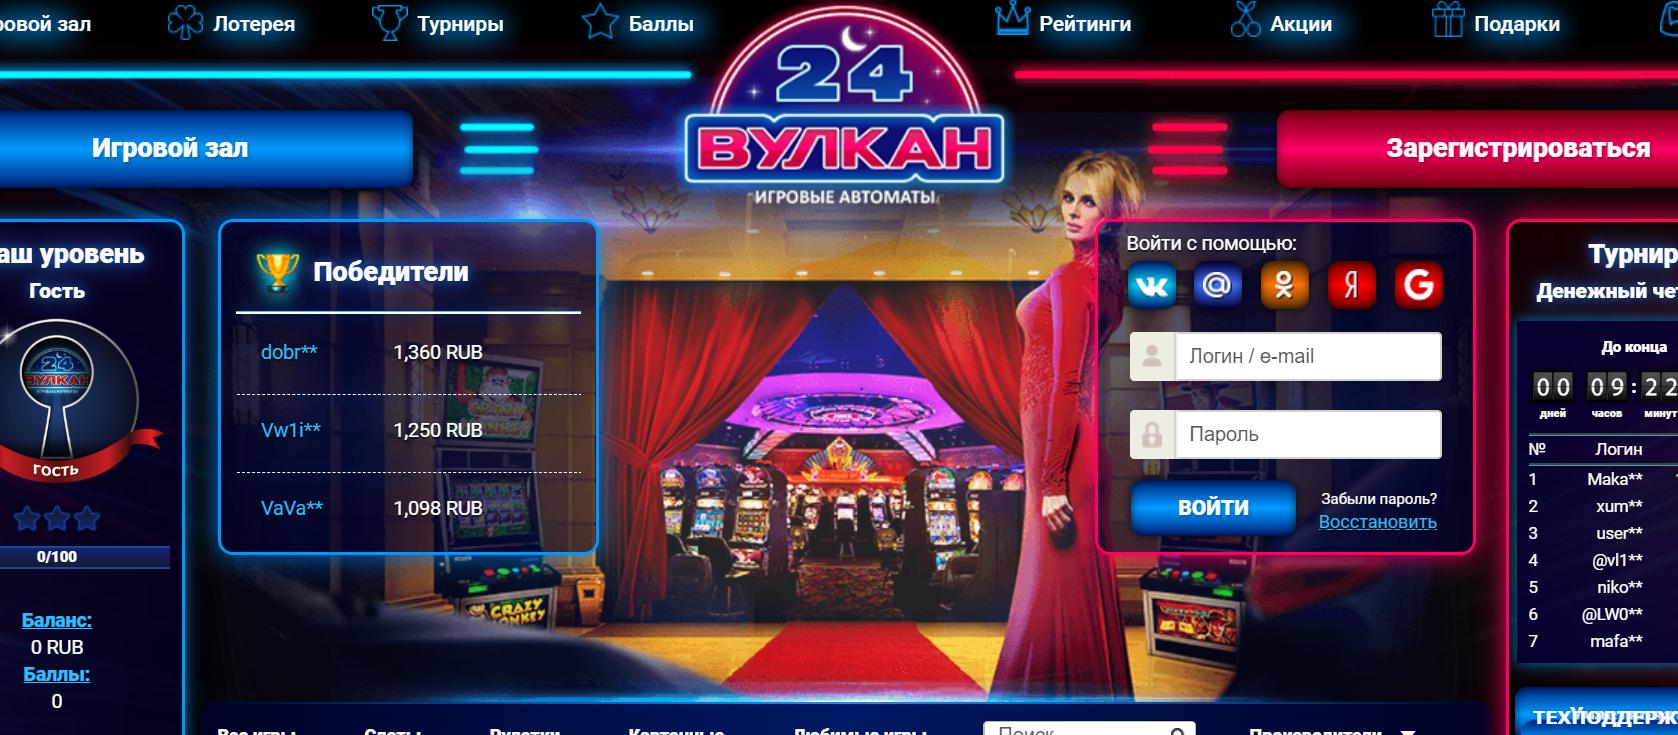 Уникальные возможности для вашего заработка в казино Вулкан 24